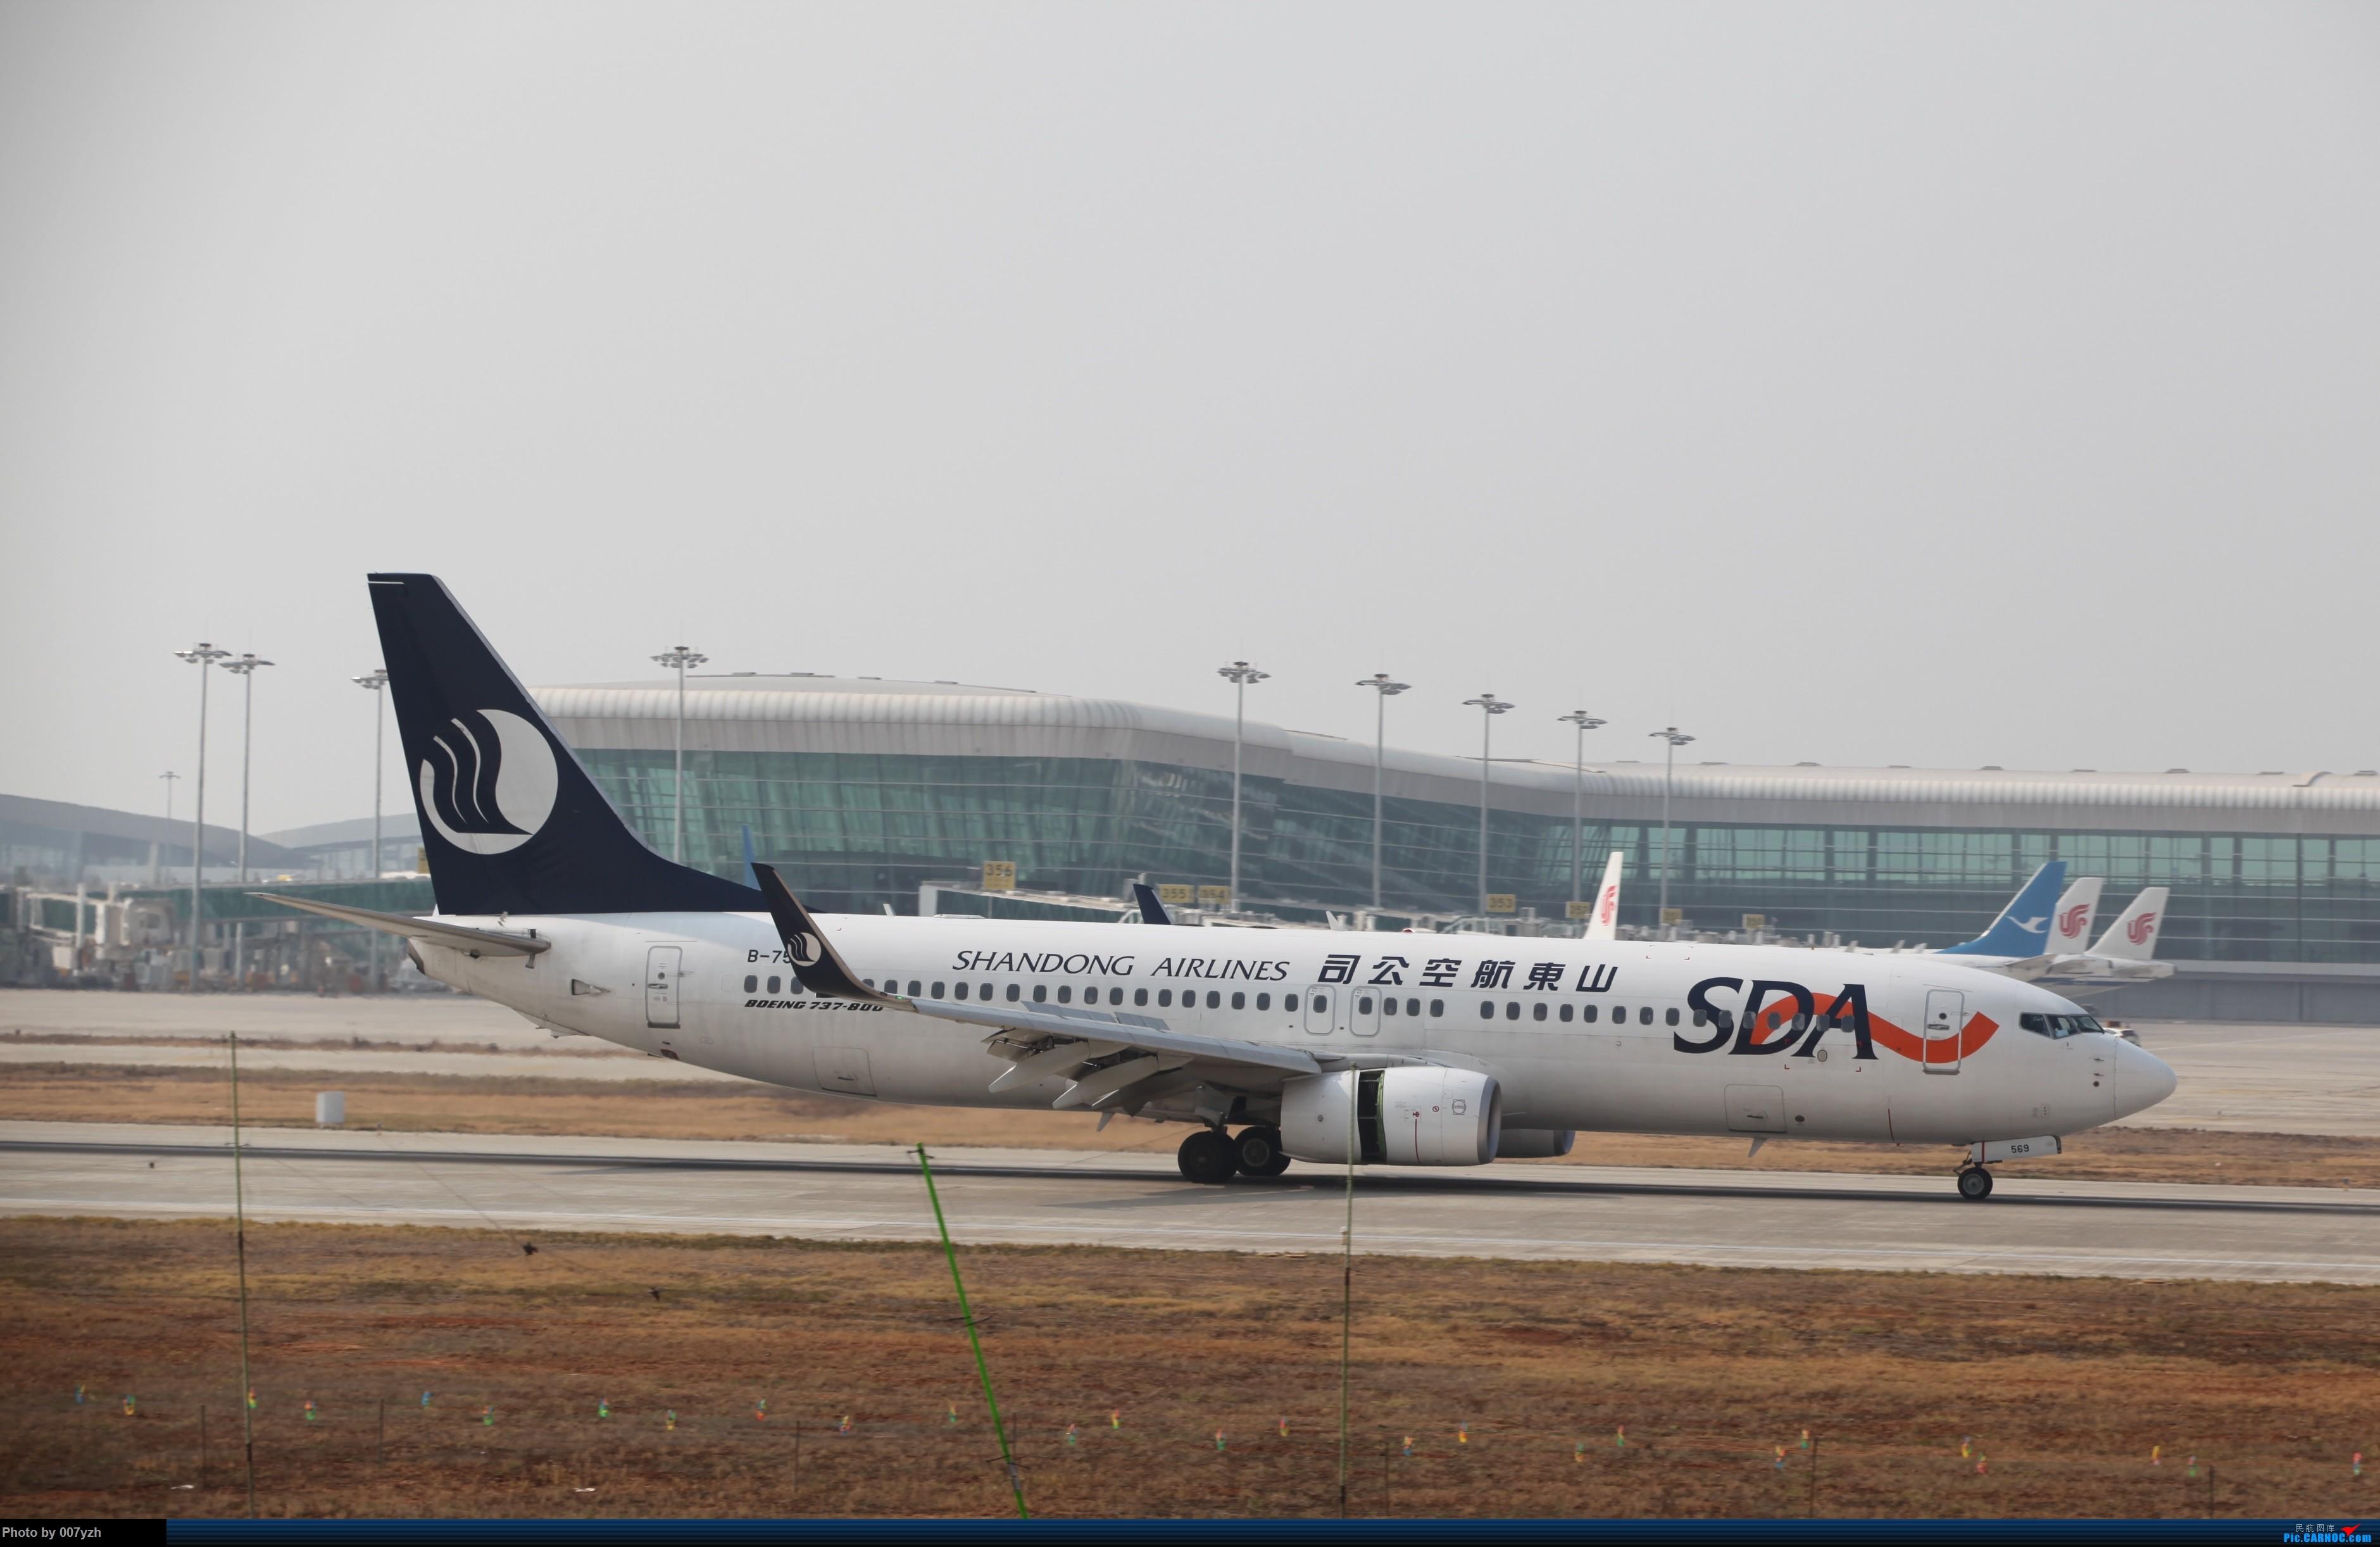 Re:[原创]WUH小拍,终于找到了在WUH拍机的组织 BOEING 737-800 B-7569 中国武汉天河国际机场